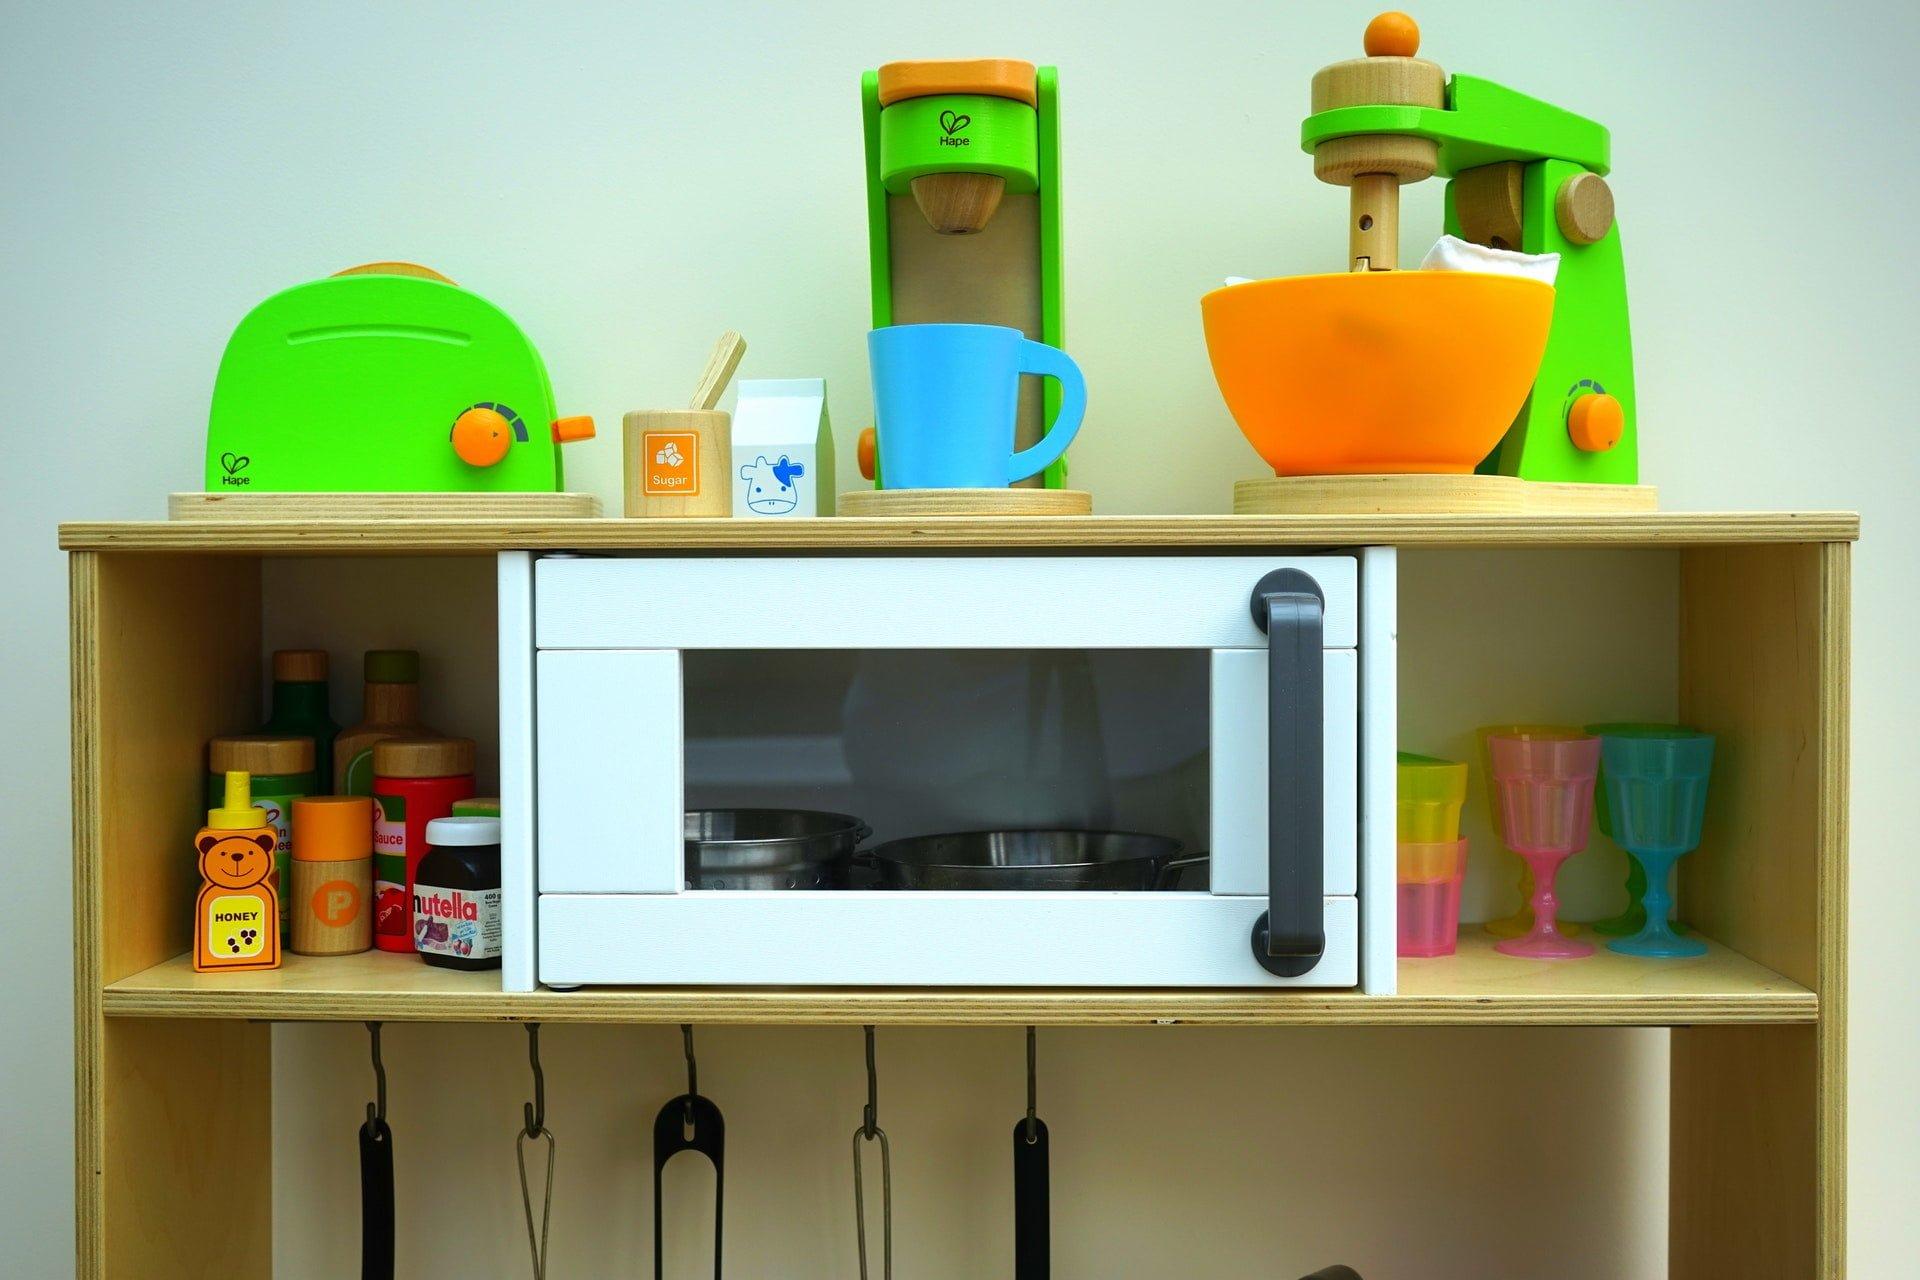 微波爐加熱食物是否對人體健康有害?